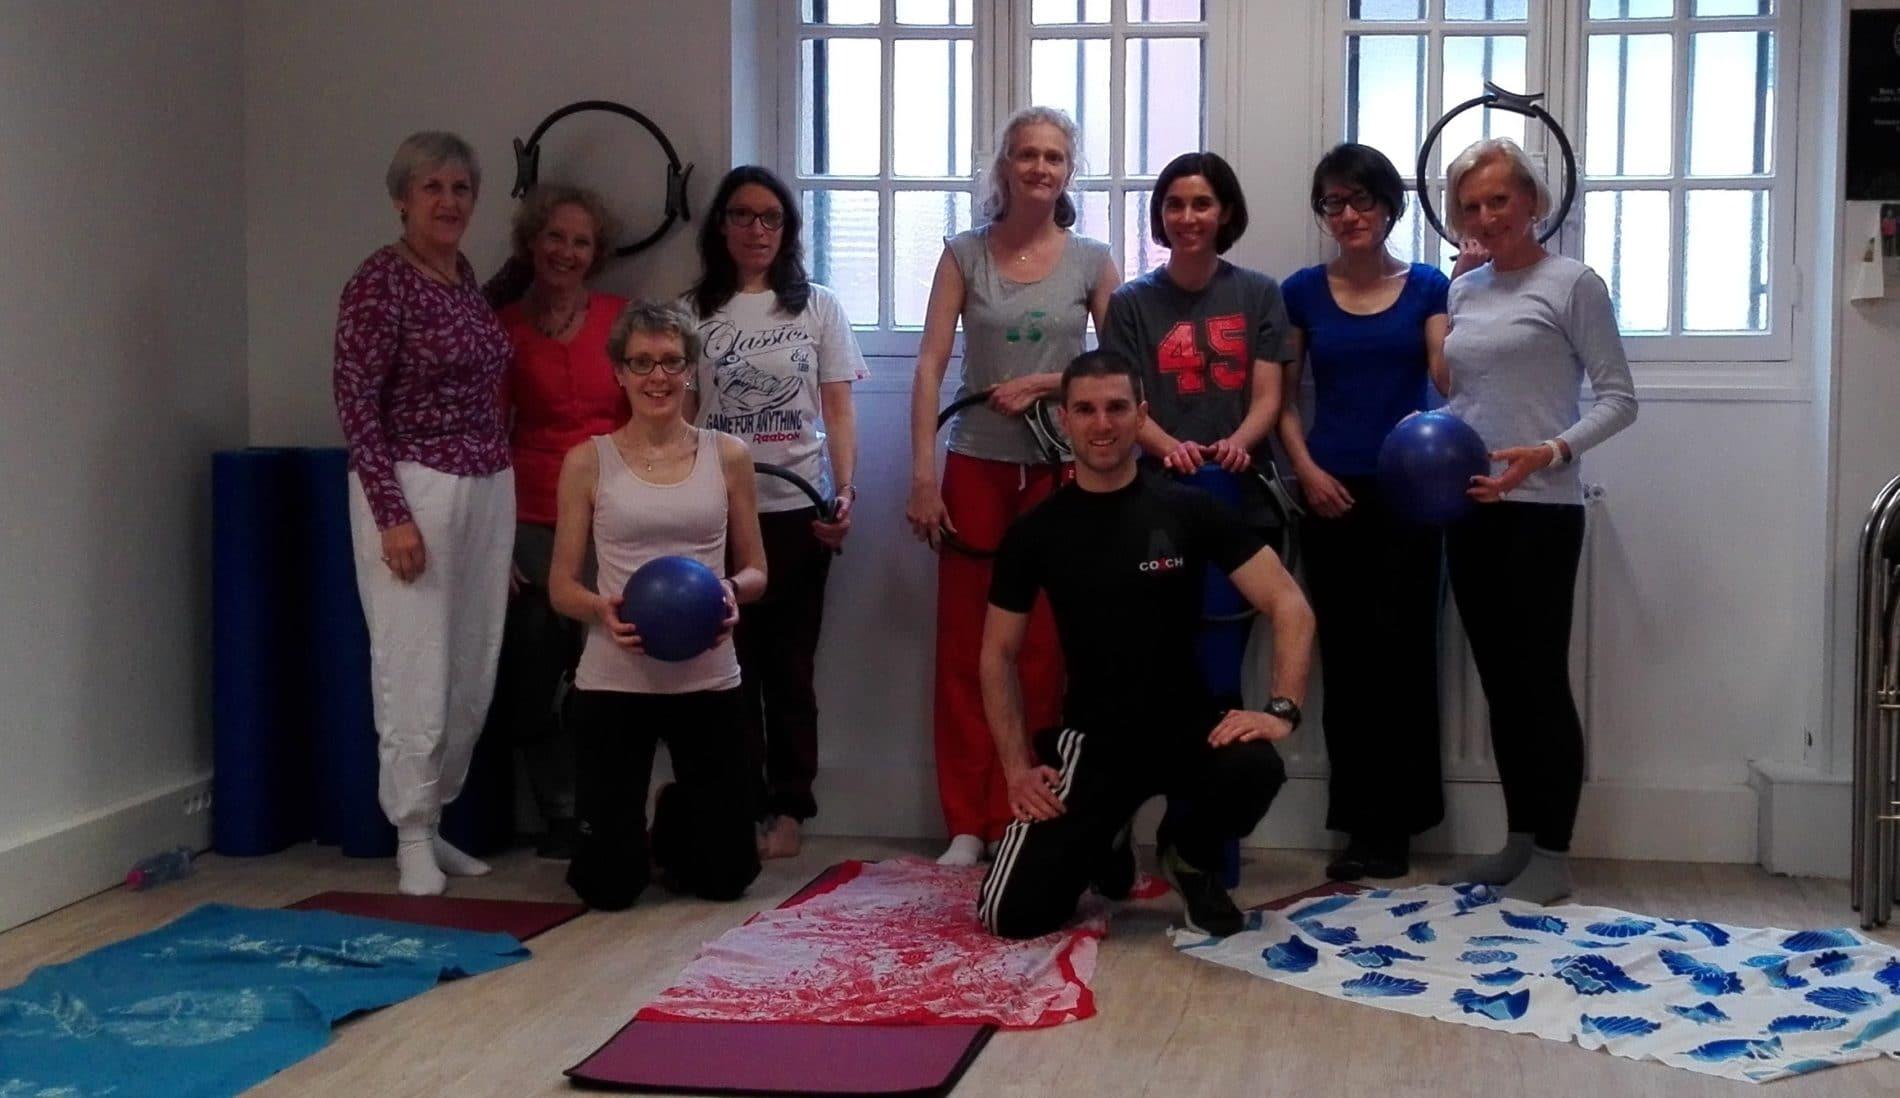 cours collectifs de pilates à saint-etienne - Perf&fit au studio villemagne